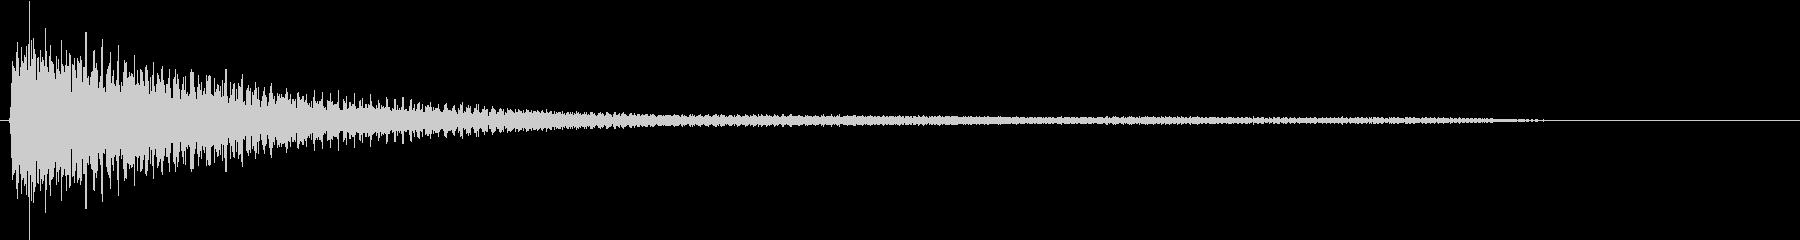 ピアノによる和音(穏やか)の未再生の波形